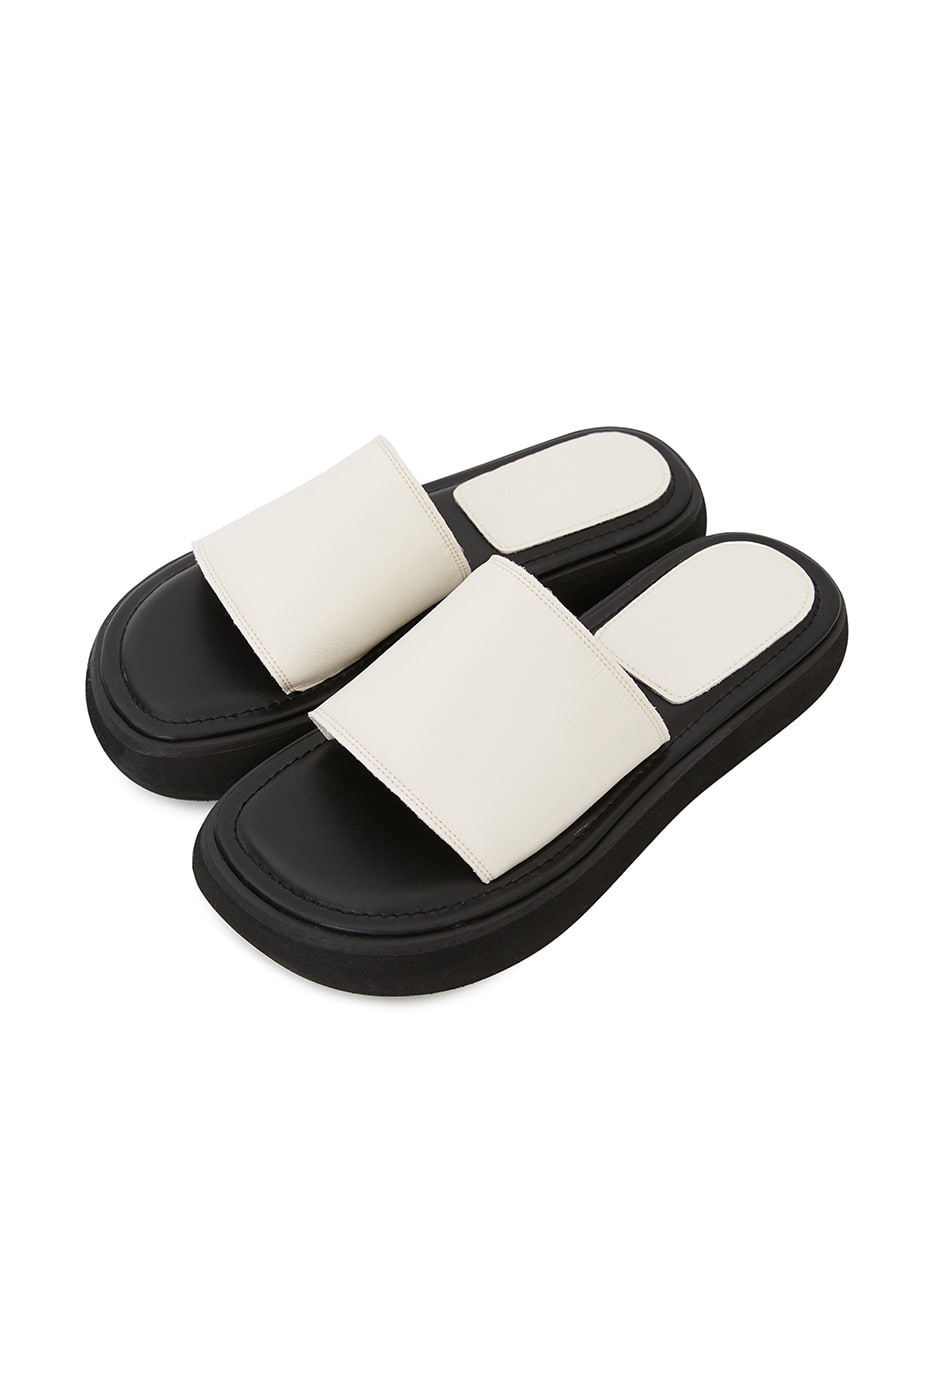 Major platform sandals